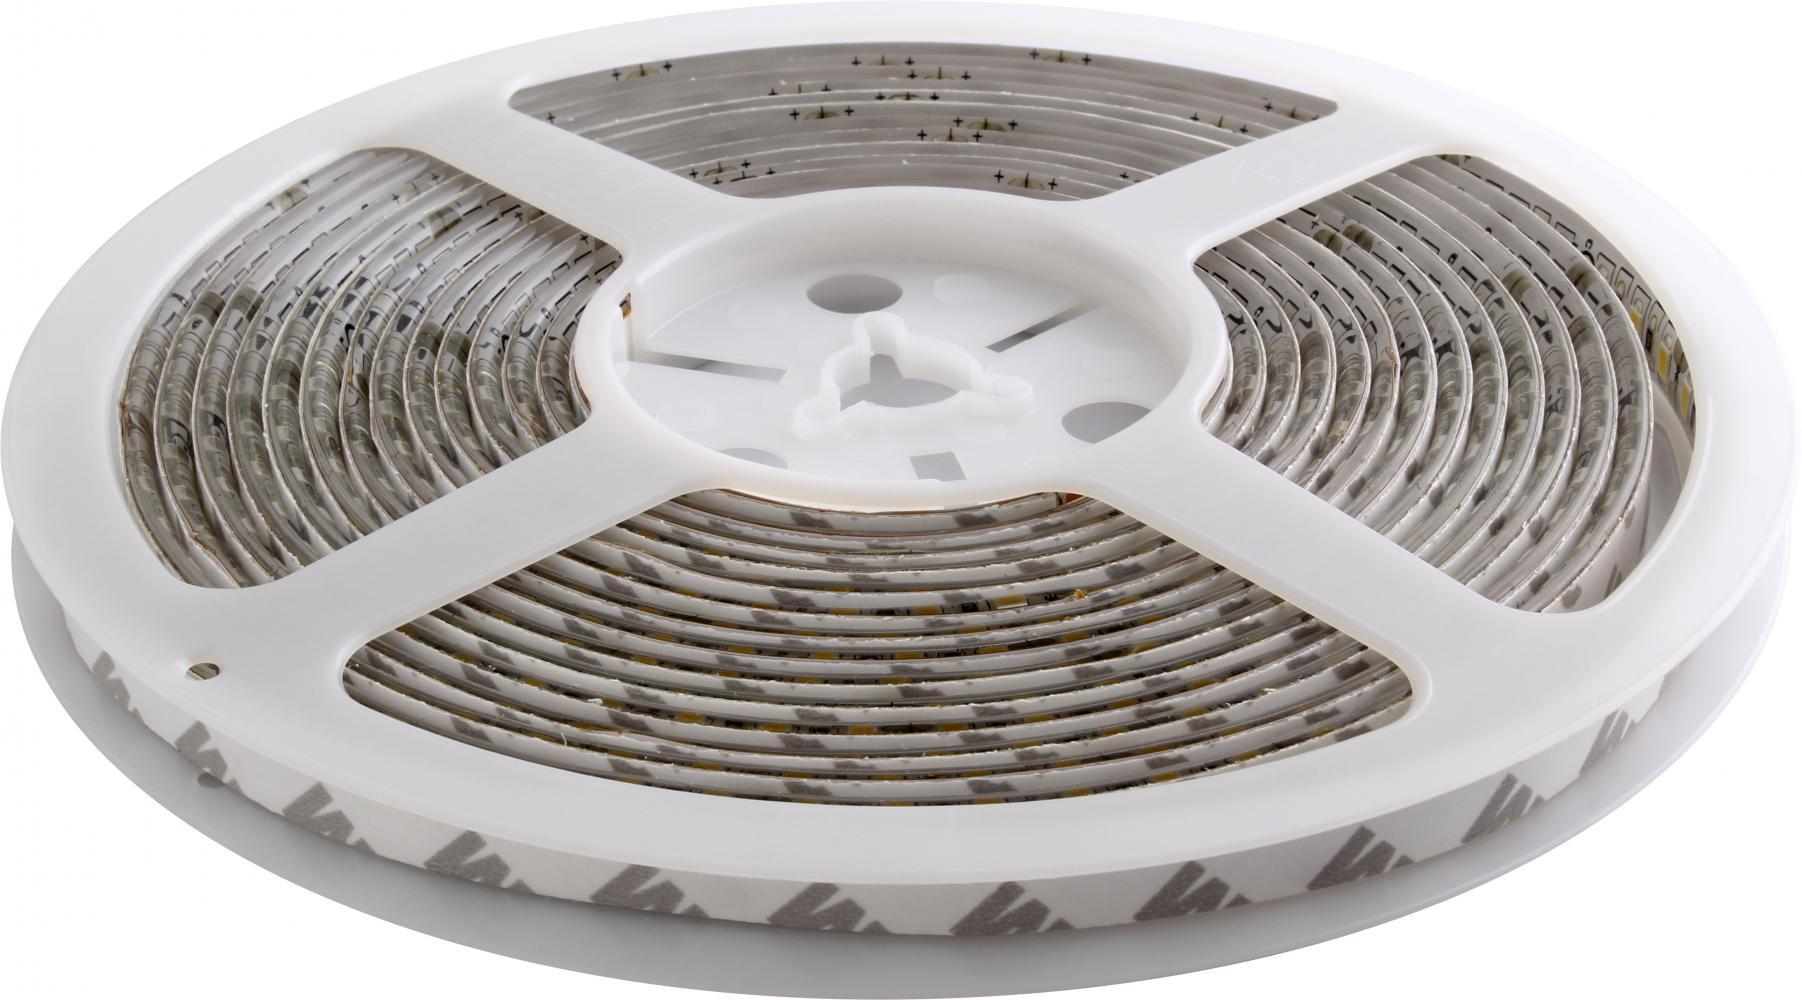 4.4W/ft. High Density Outdoor LED Tape Light